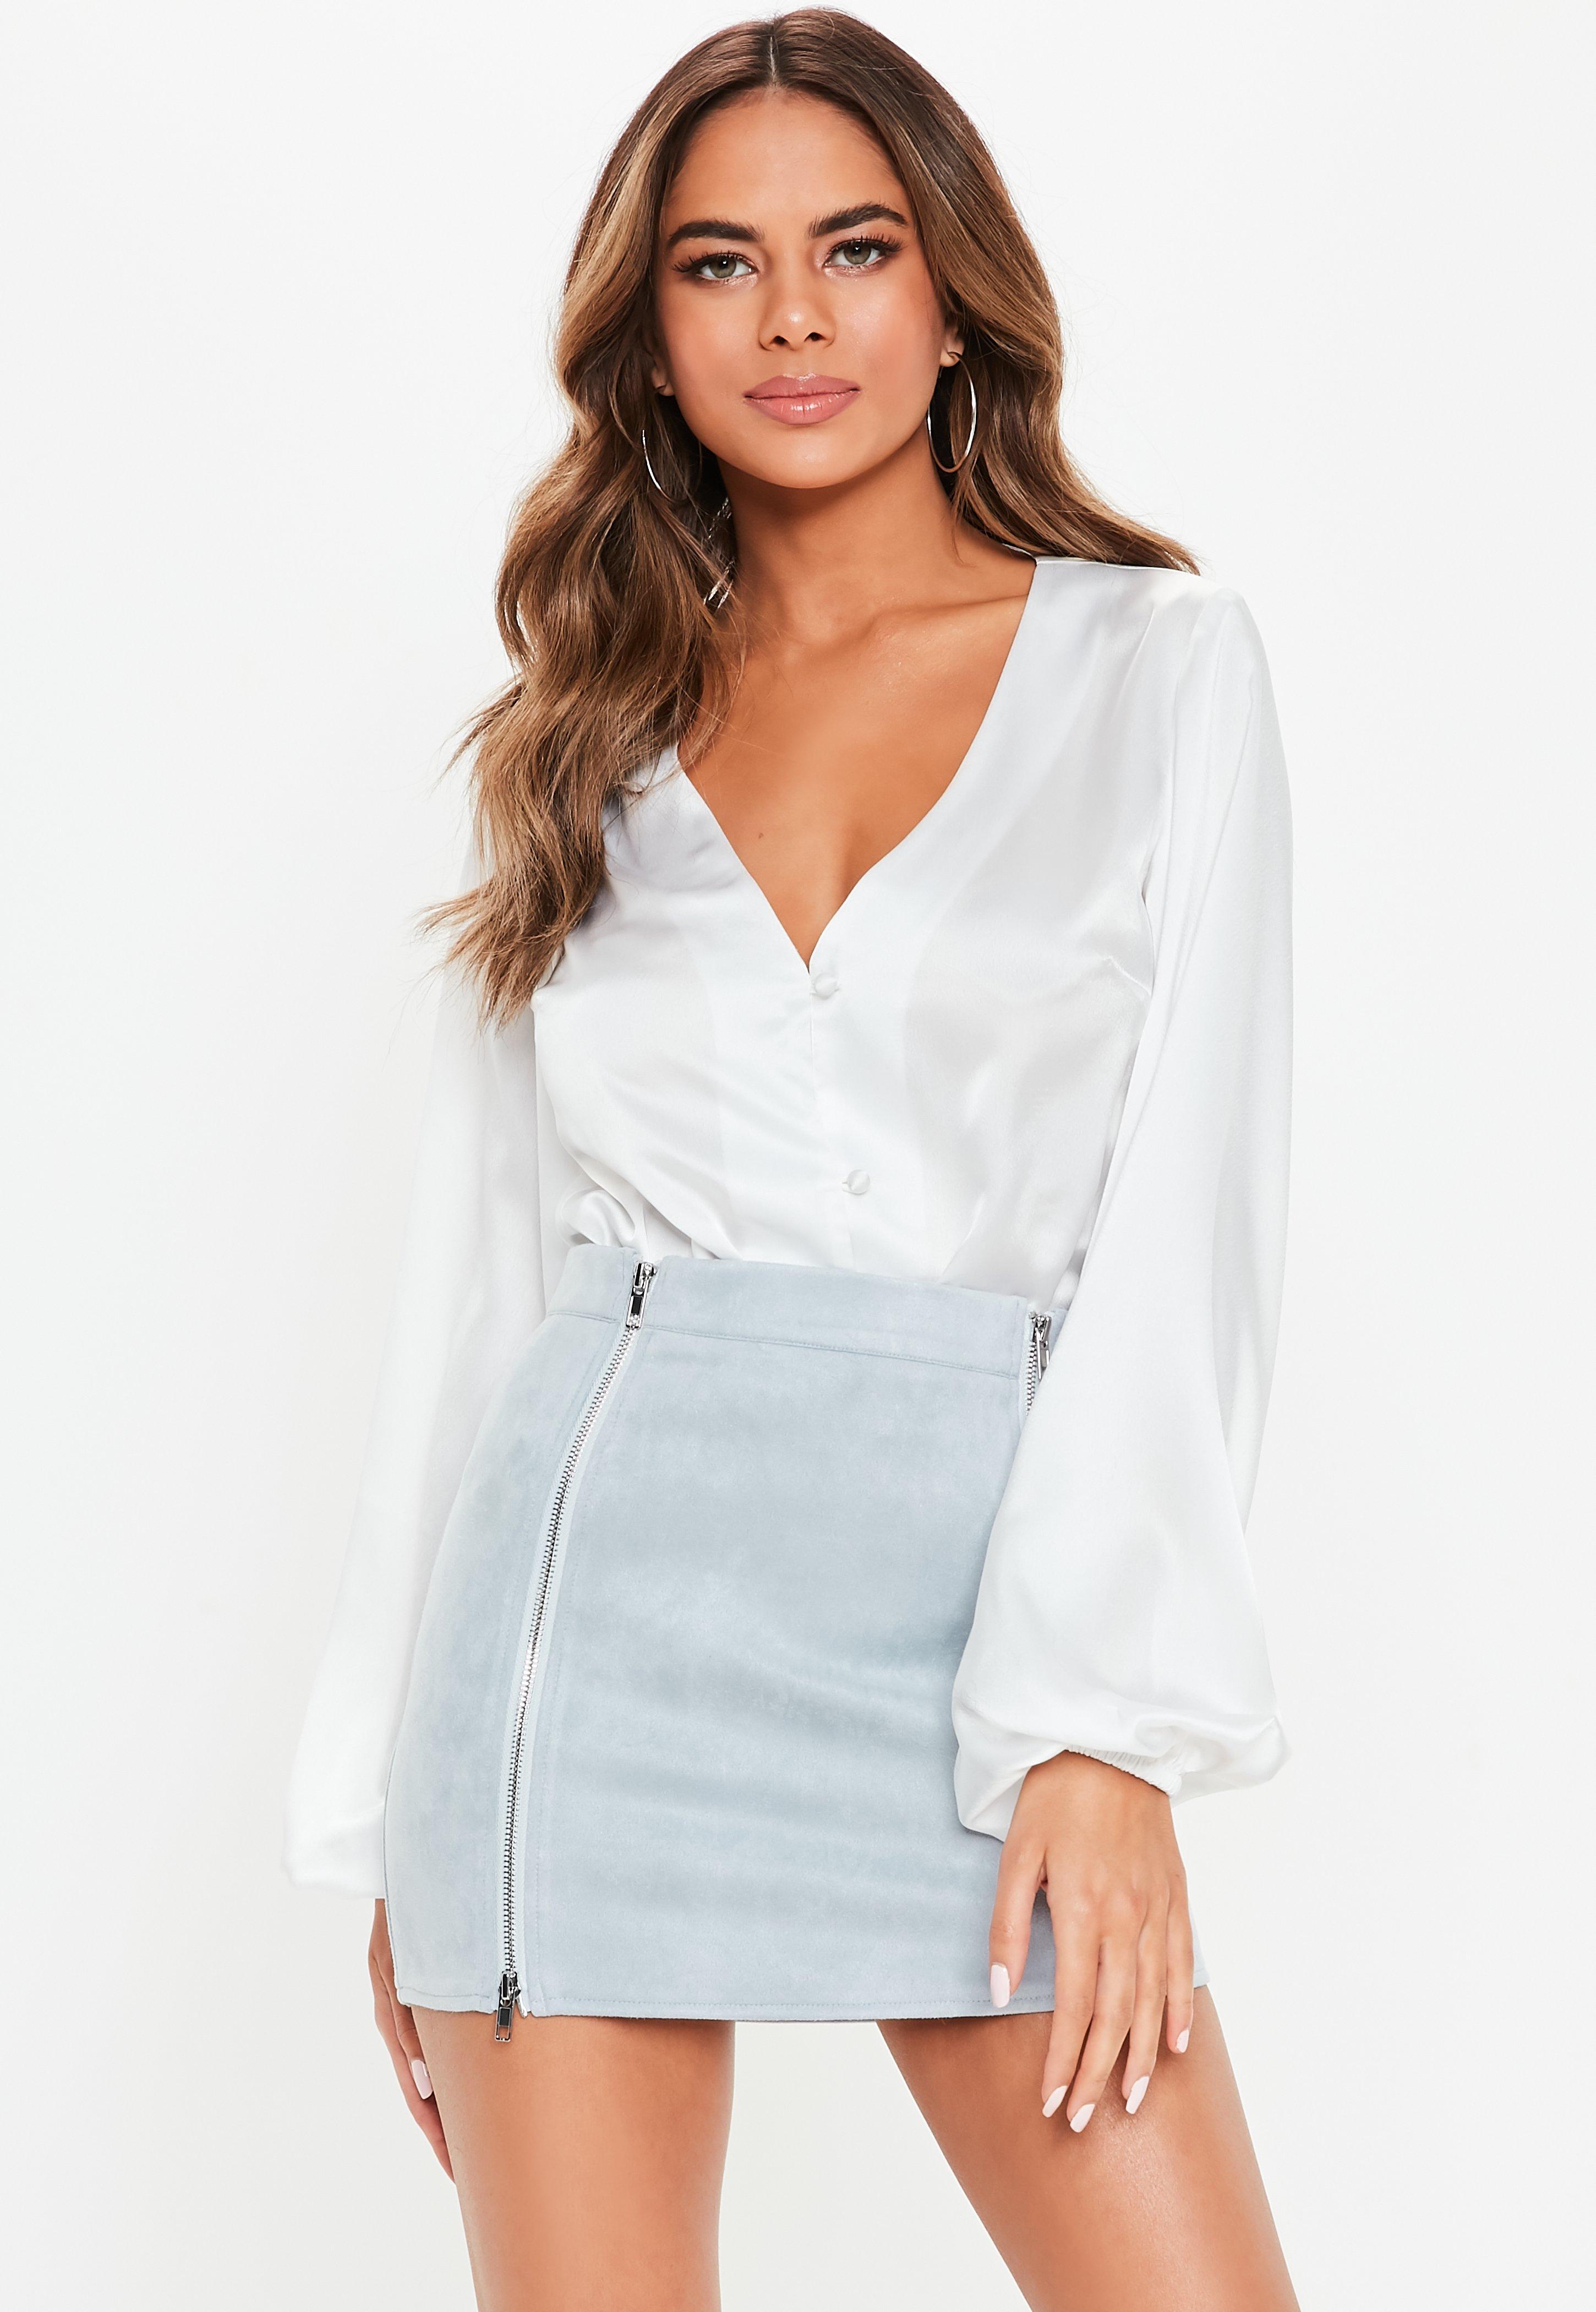 Missguided Vêtements Vêtements Petite Femme Petite wI16YHq6x